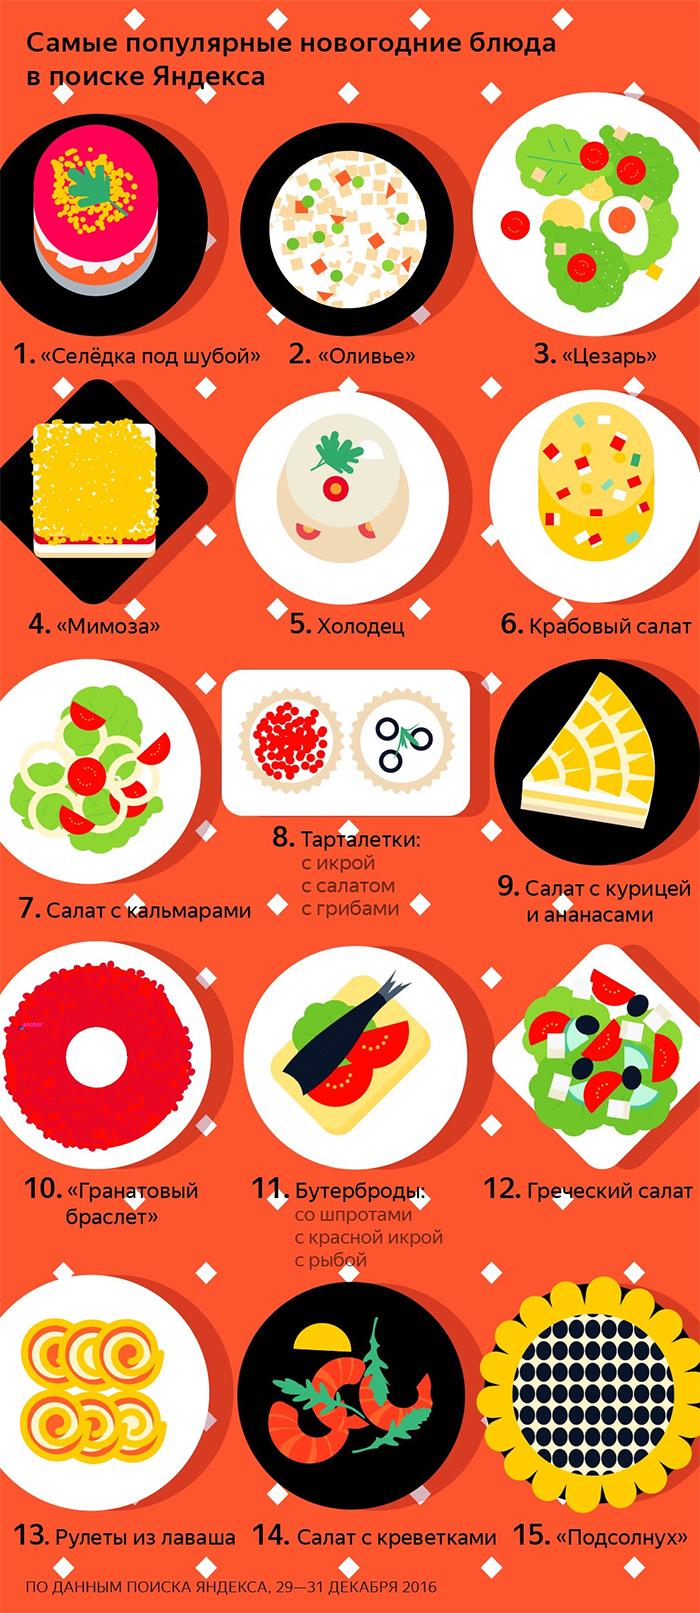 «Оливье» оказался не самым популярным новогодним салатом у россиян